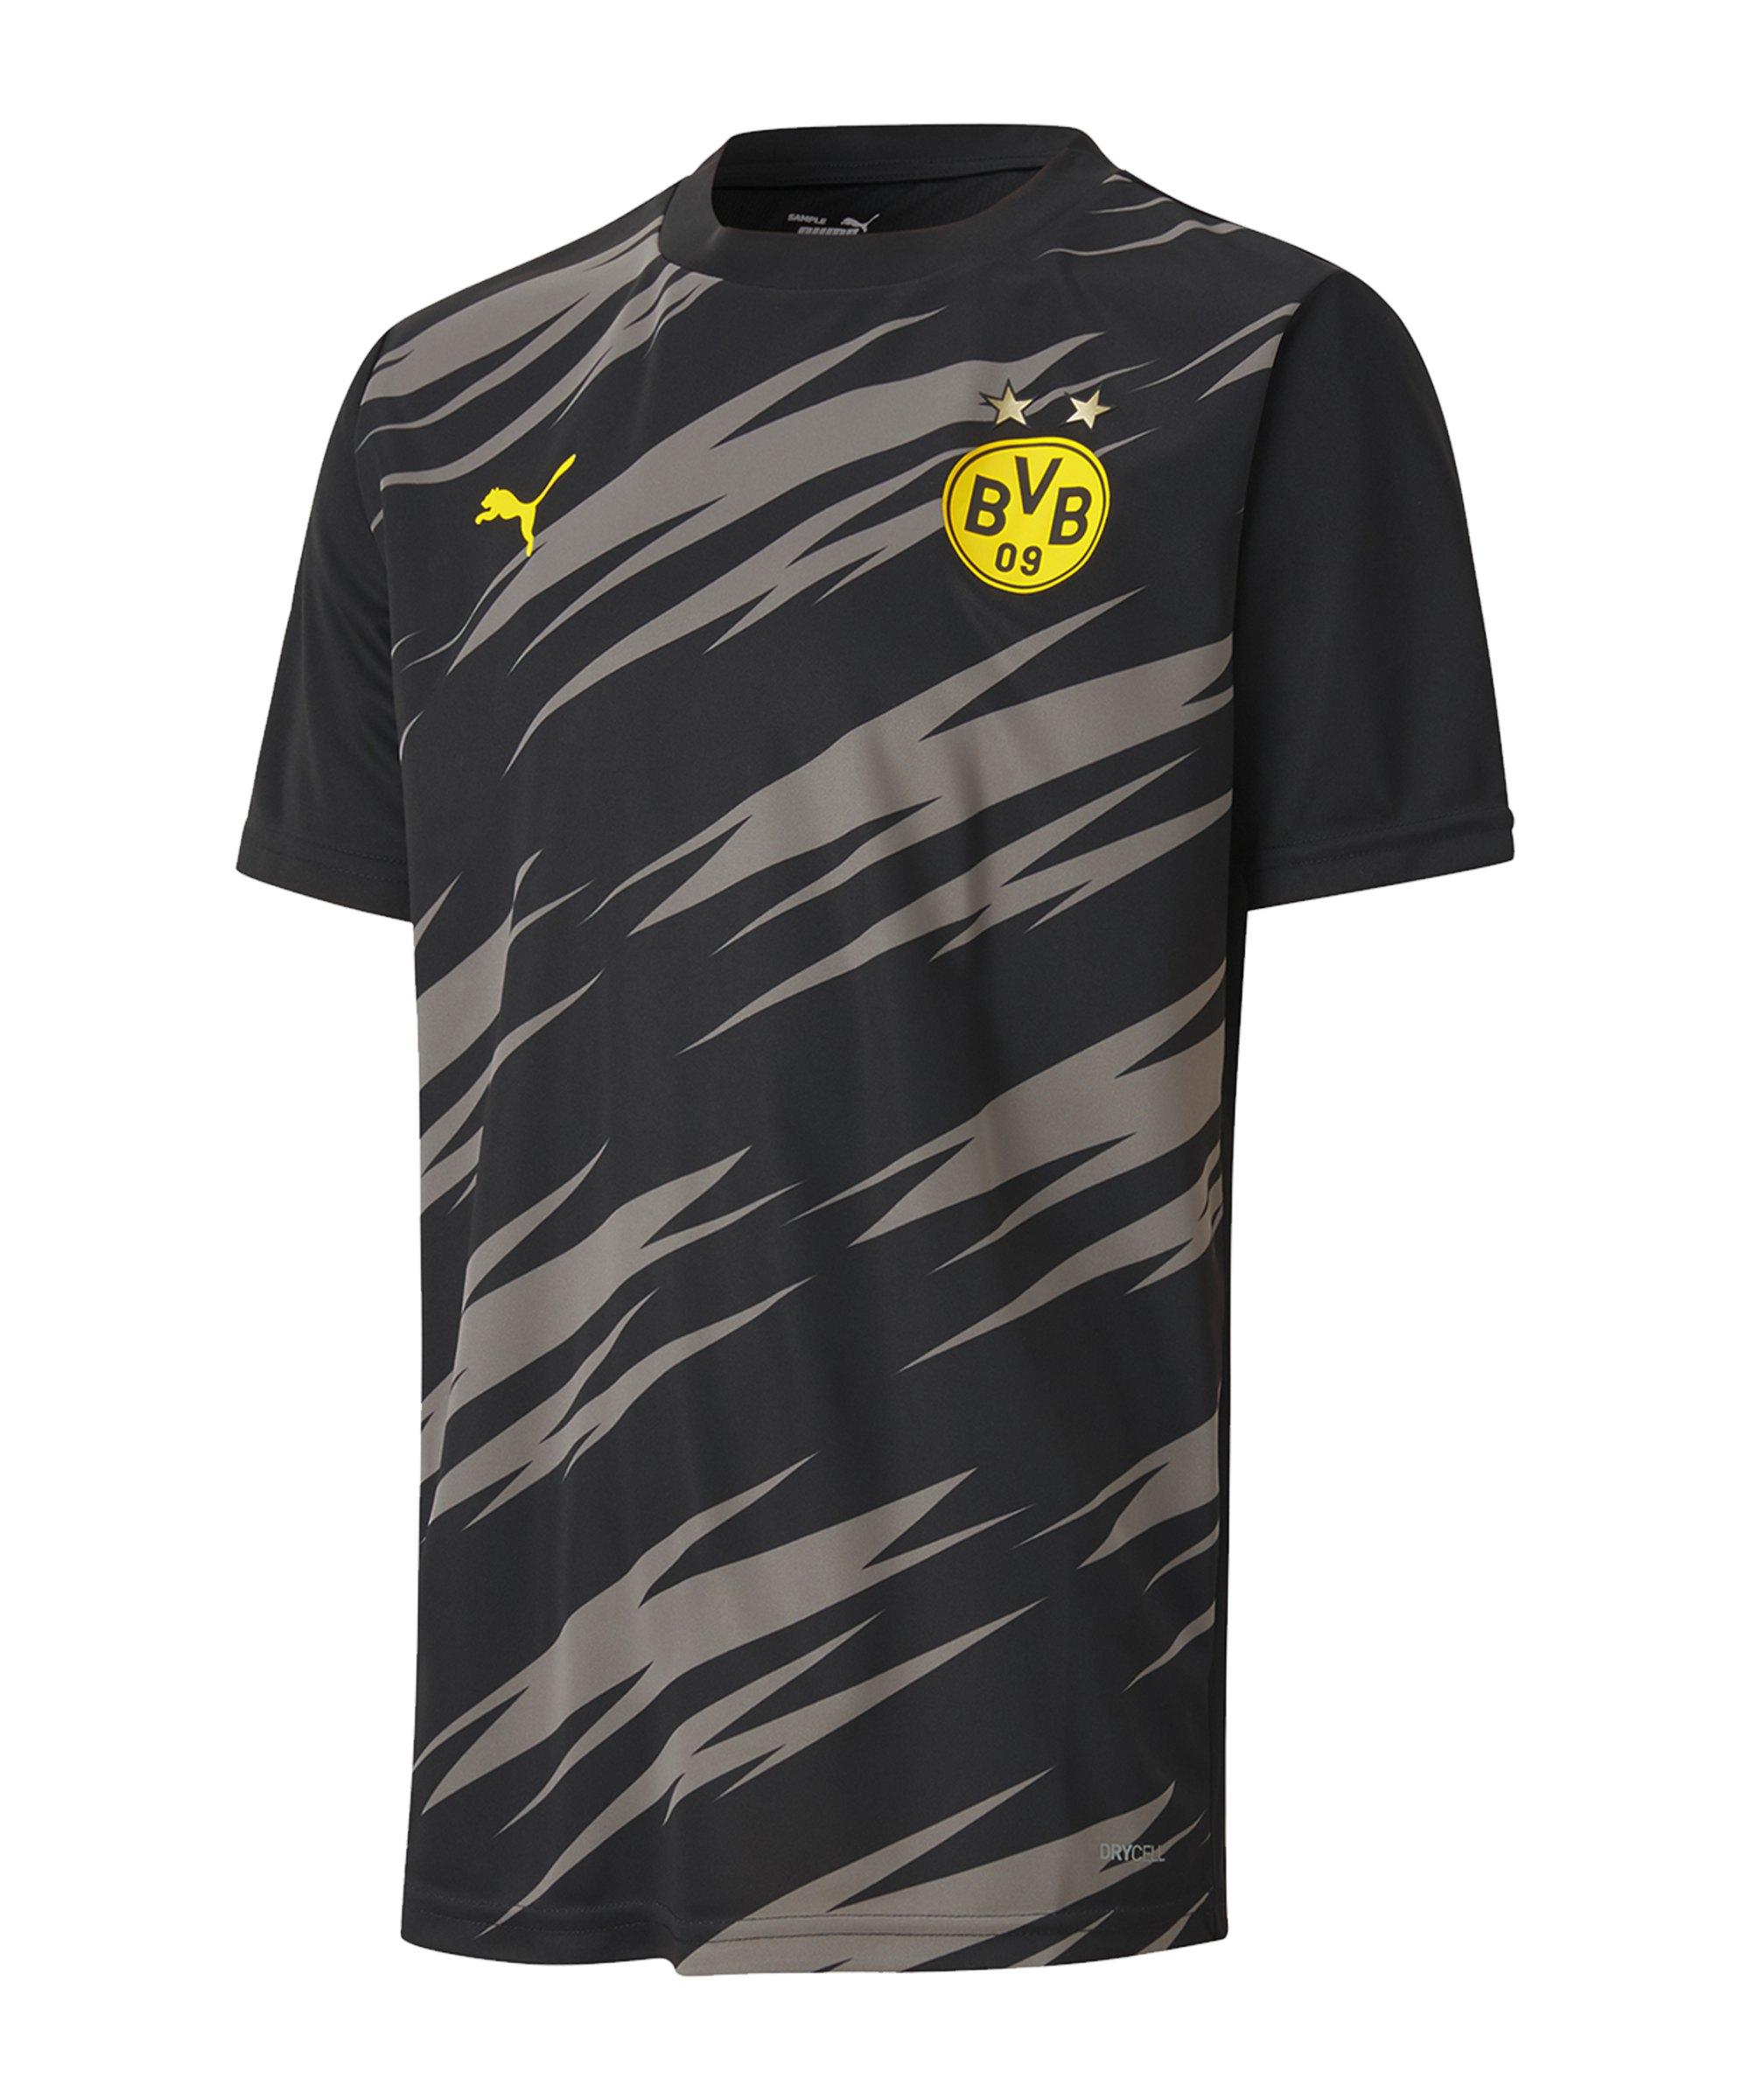 PUMA BVB Dortmund Stadium T-Shirt Kids Schwarz F02 - schwarz